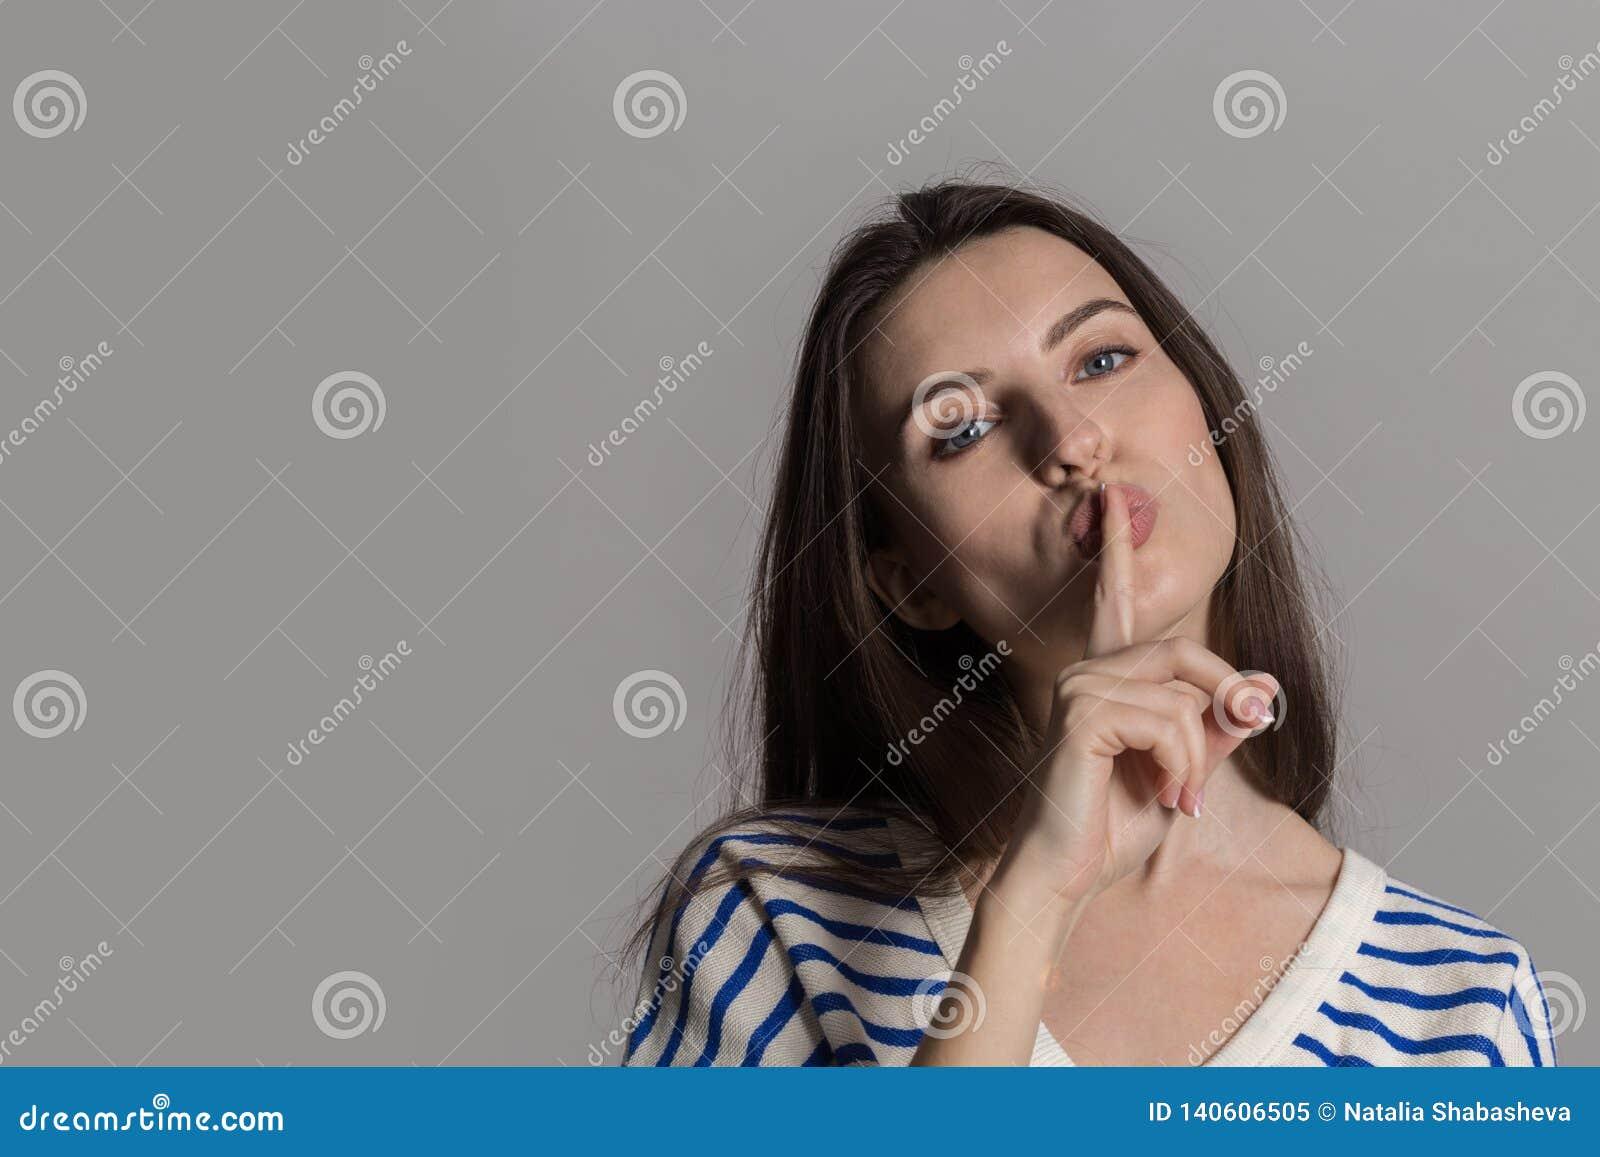 Hübsche Frau mit dem flaumigen Haar, zufällig gekleidet gegen eine graue Studiowand